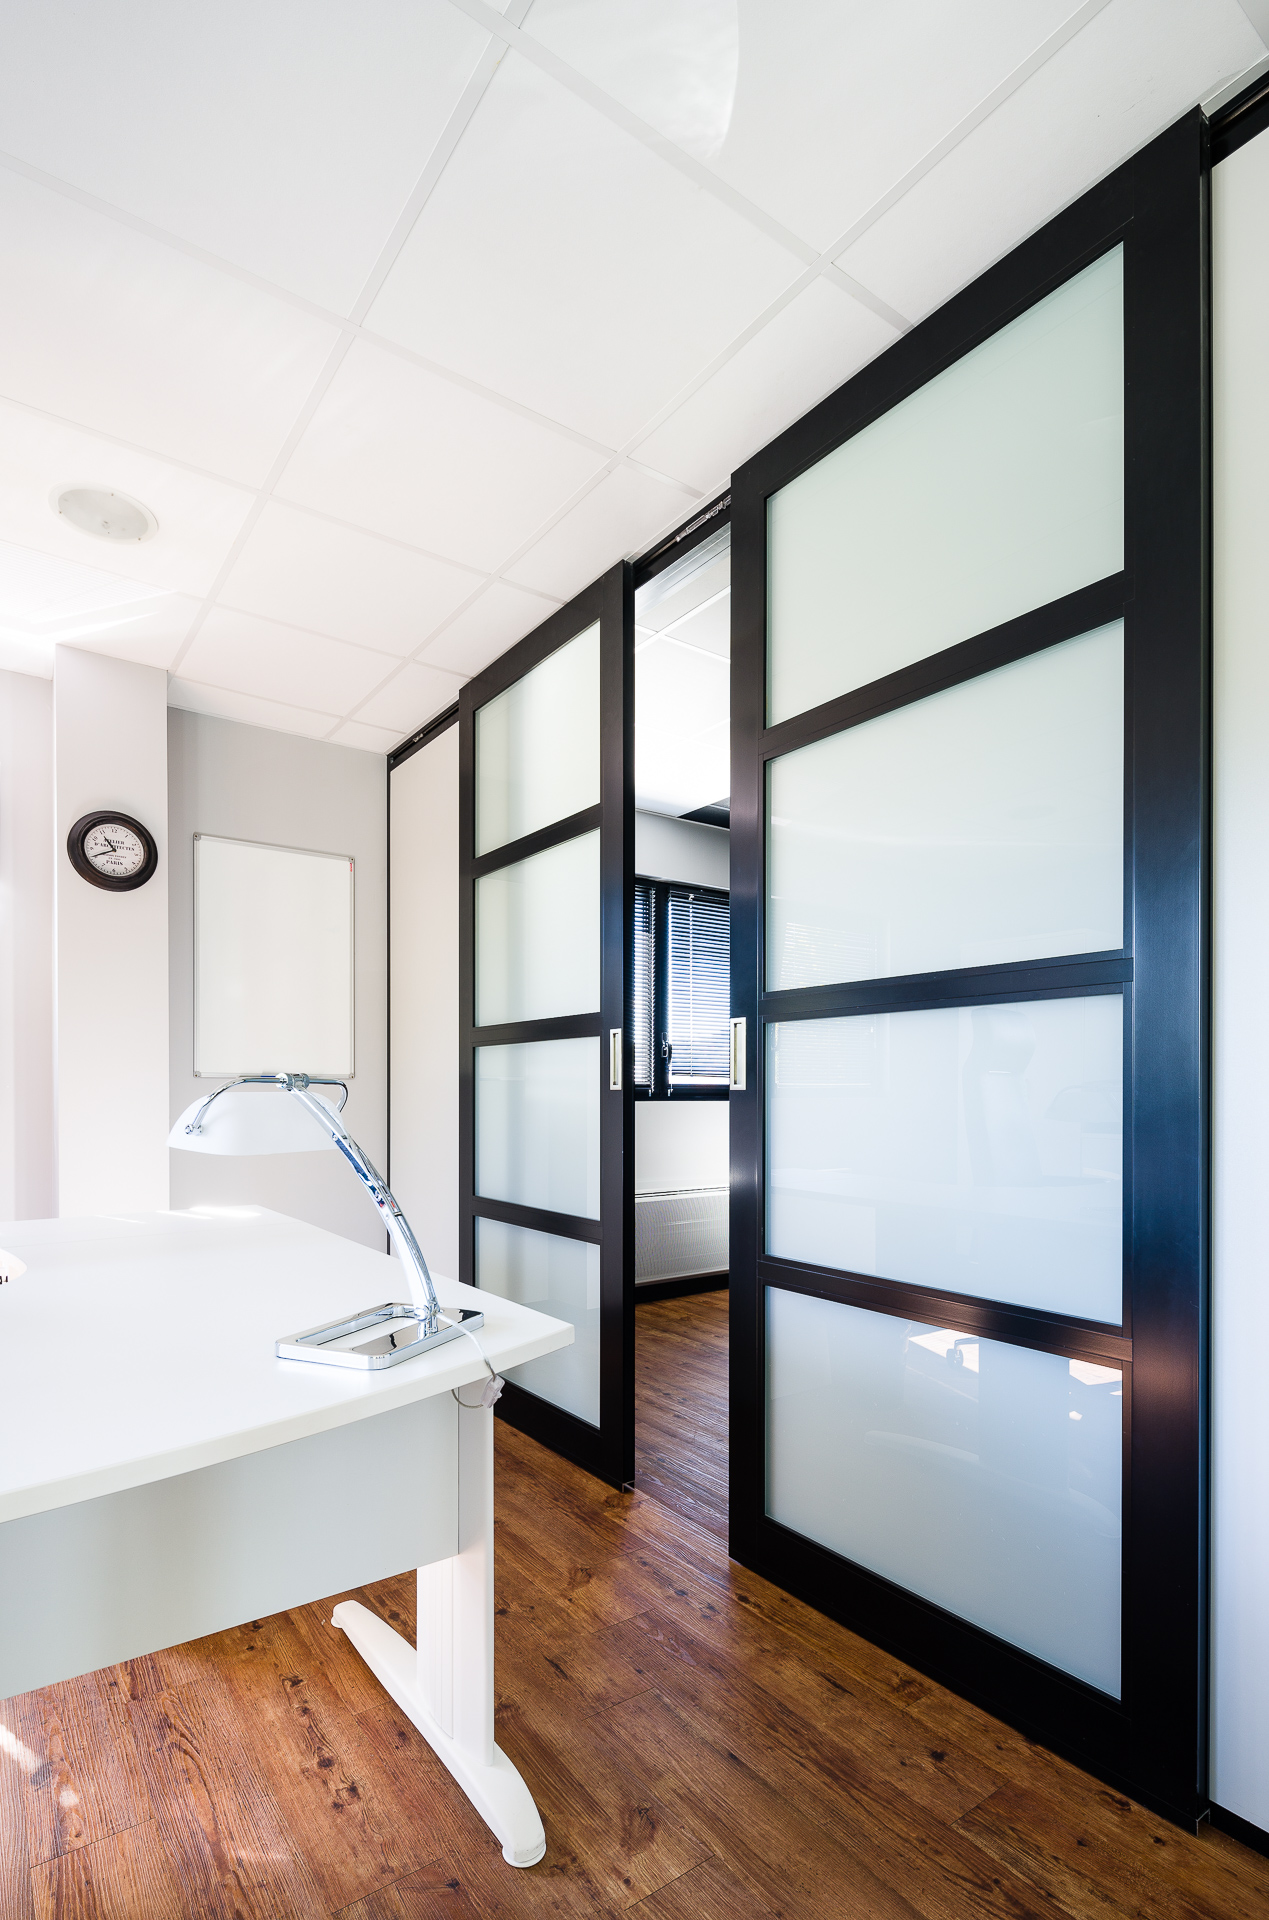 Portes pour cloisons amovibles en bois verre aluminium Porte coulissante cloison